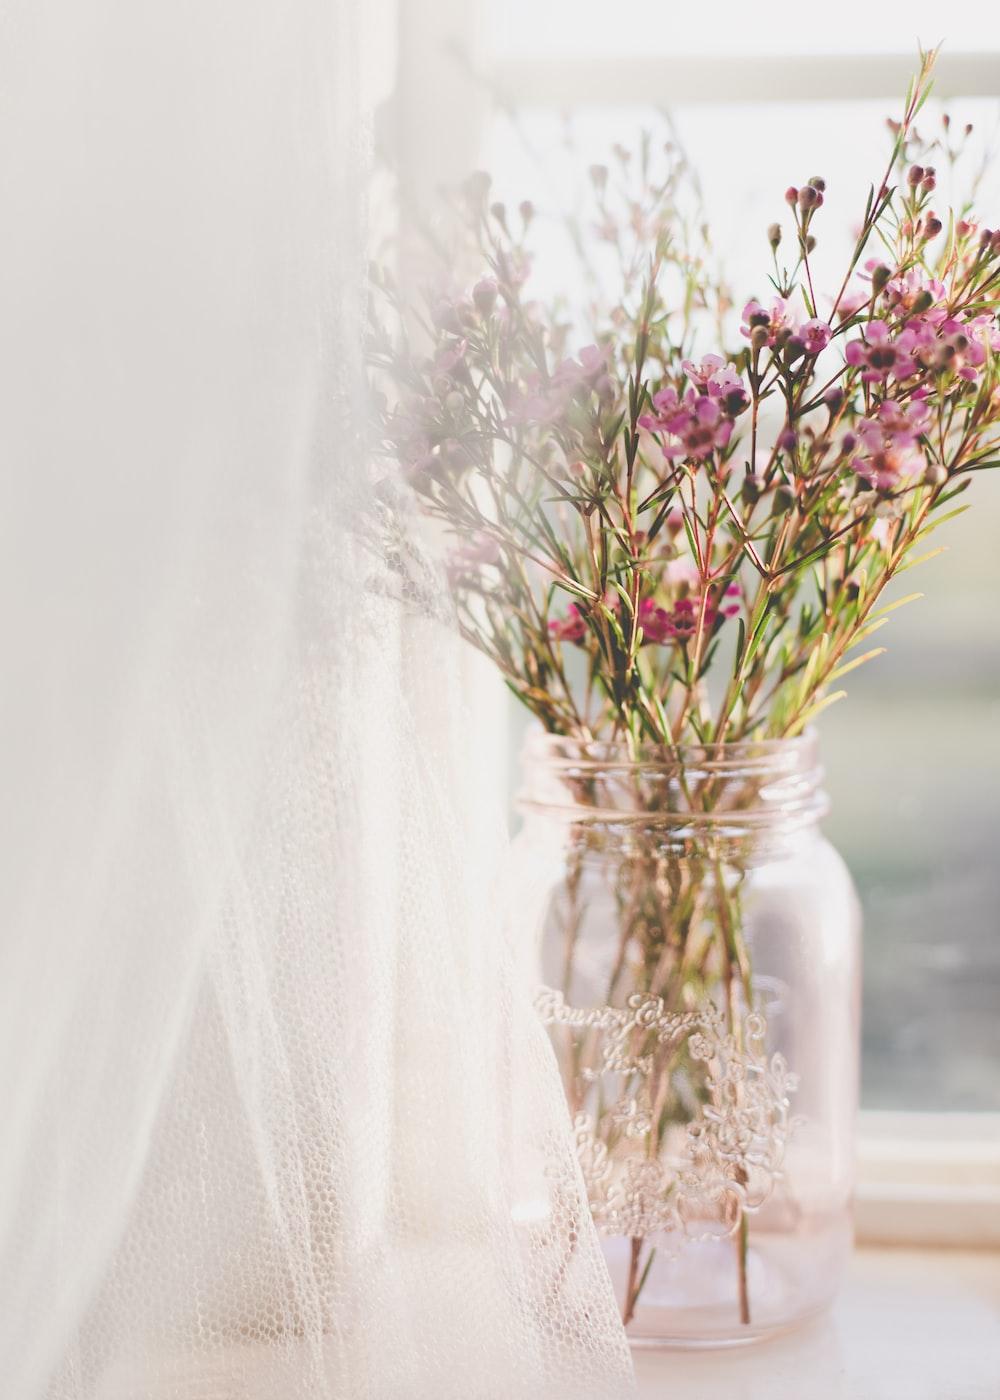 jar of pink-petaled flower near window